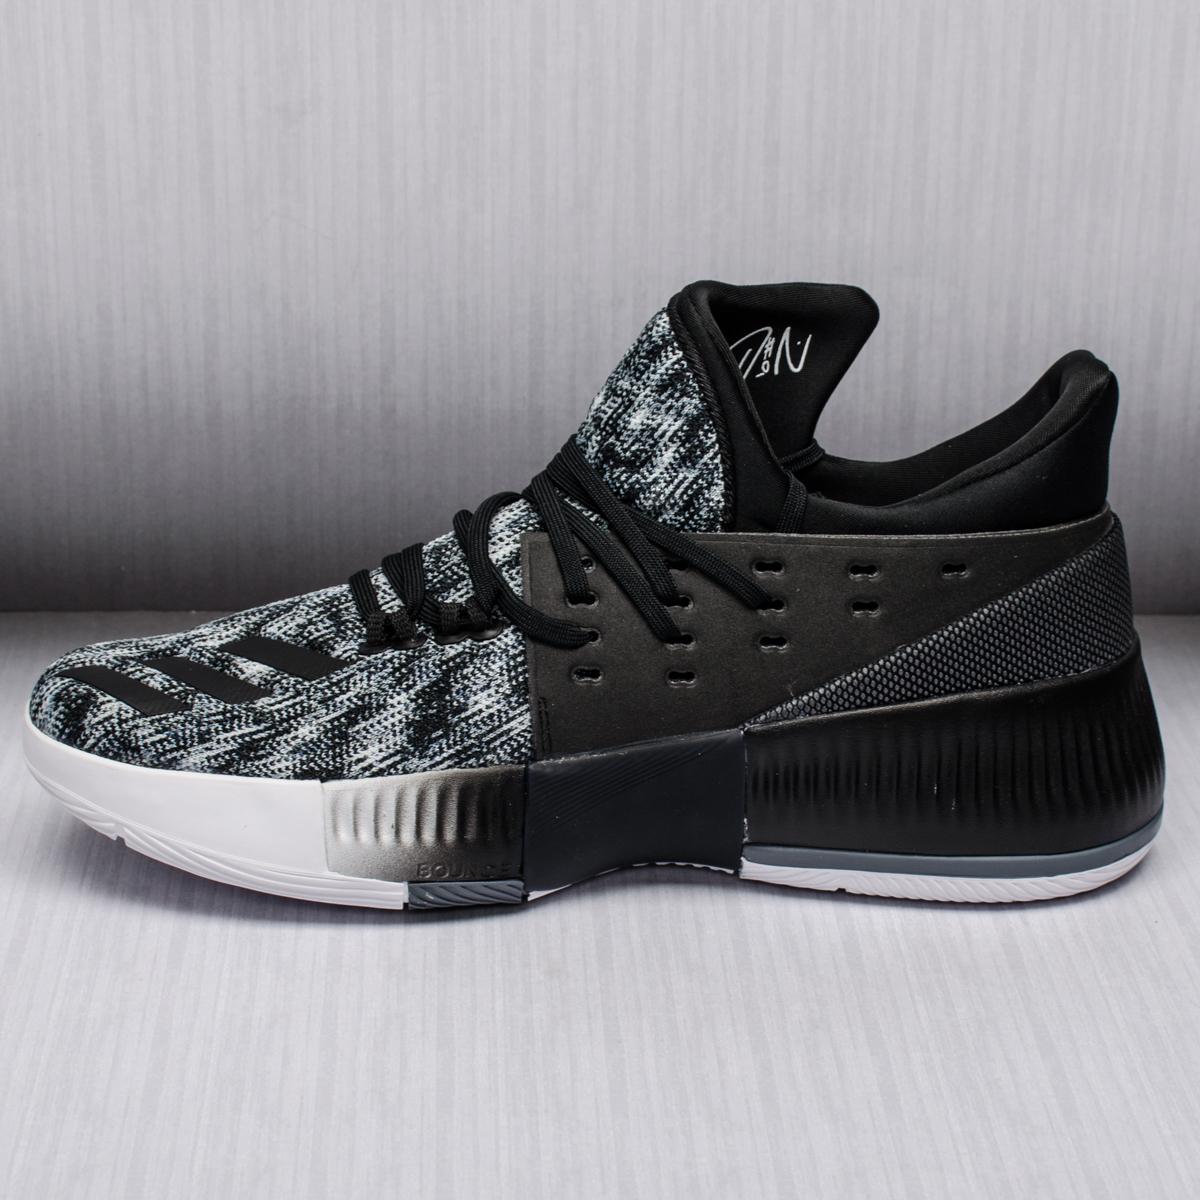 meet bddfc 27a9a adidas Dame Lillard 3 Basketball Shoes